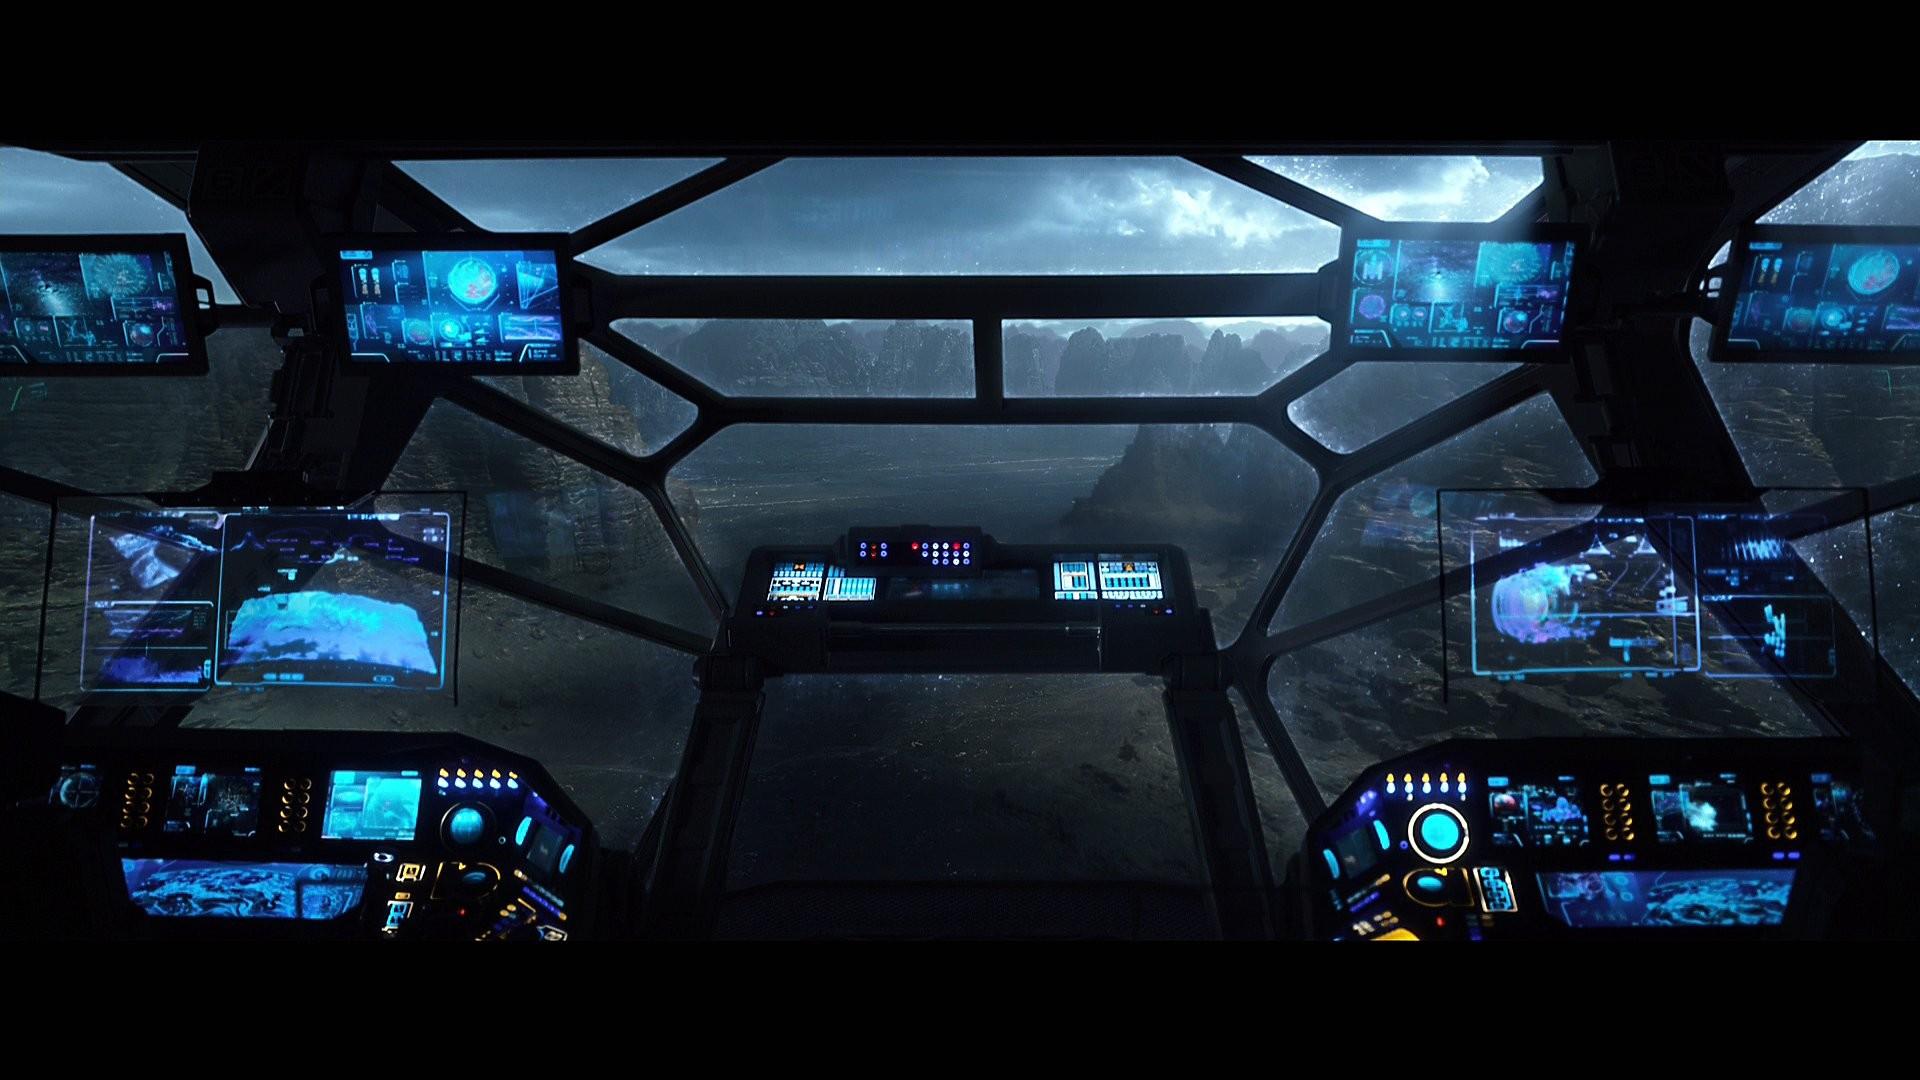 Prometheus Cockpit 2343892 Hd Wallpaper Backgrounds